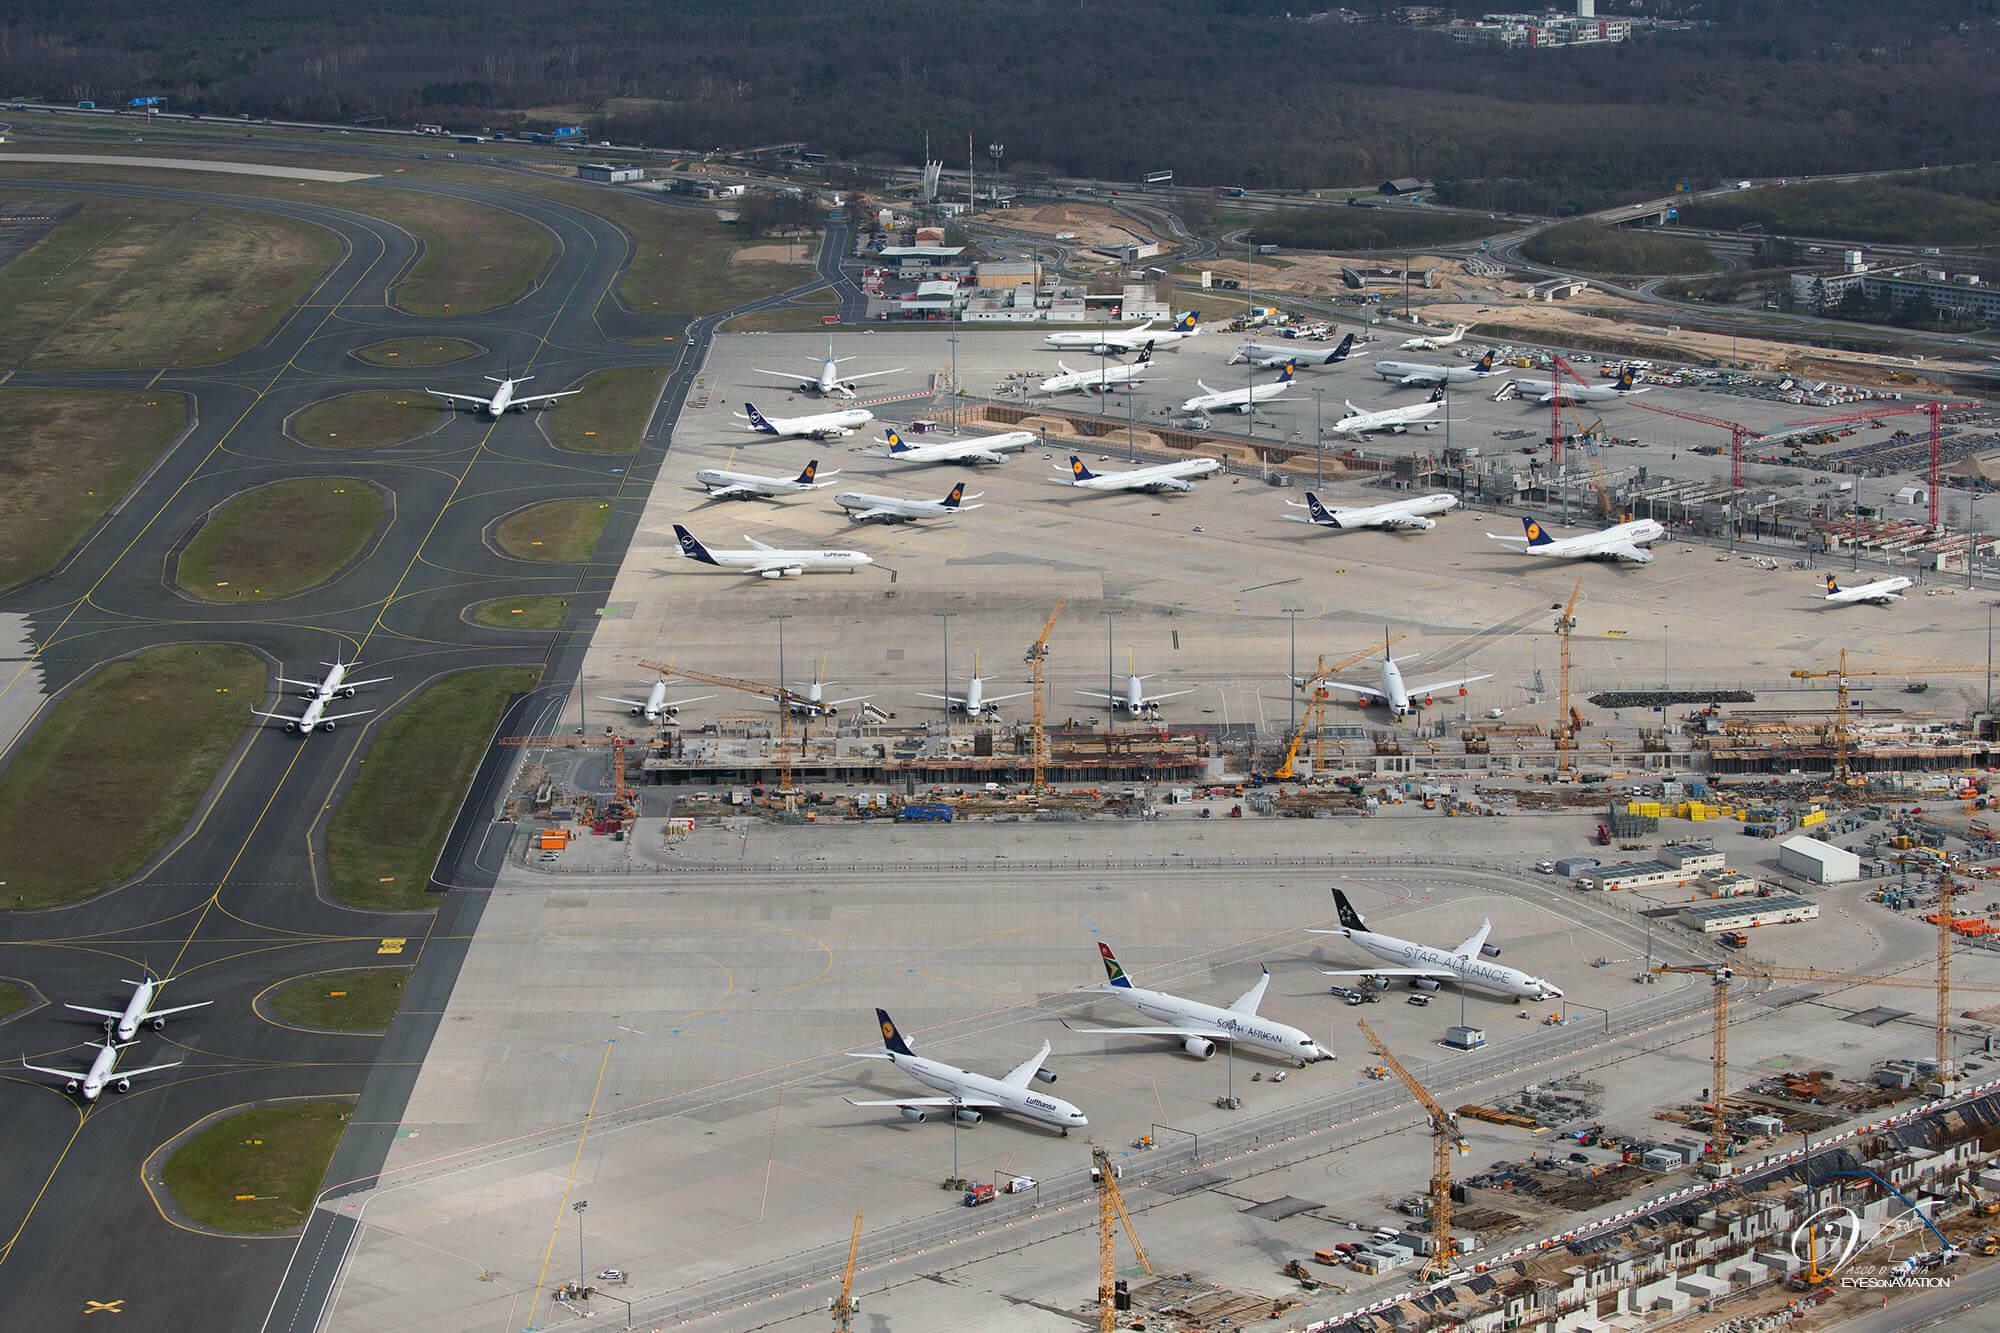 Seit dieser Woche stellt die Lufthansa nicht benötigte Flugzeuge auch am Flughafen Frankfurt ab